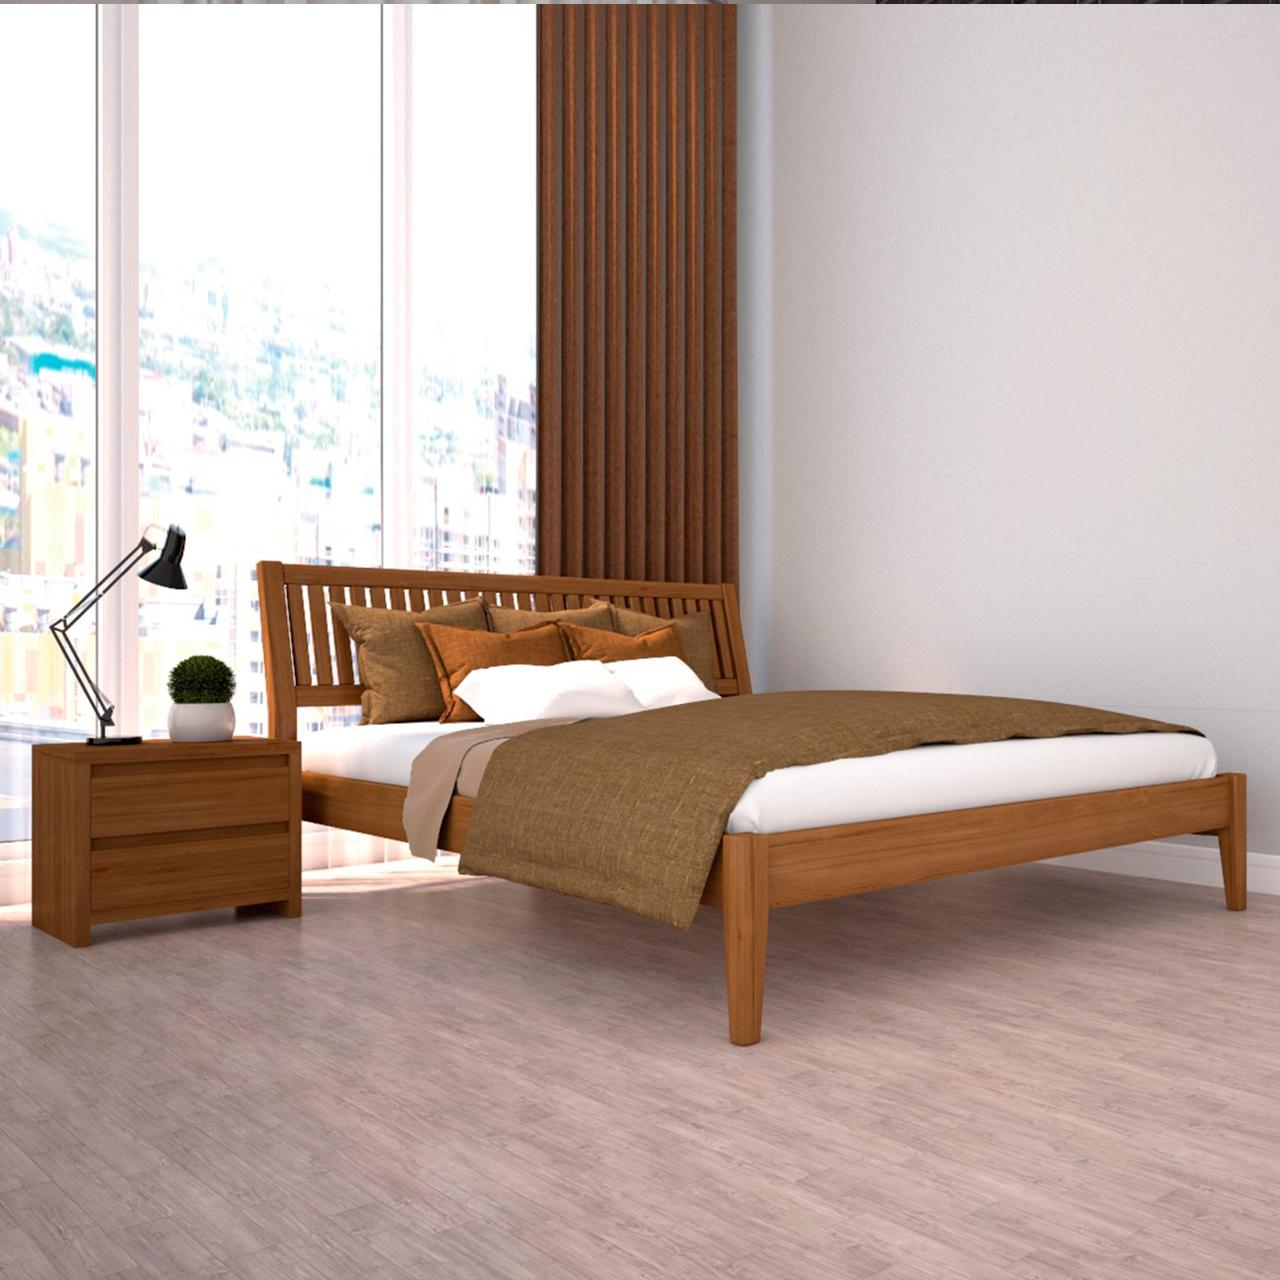 Ліжко дерев'яна Офелія двоспальне (масив дерева)